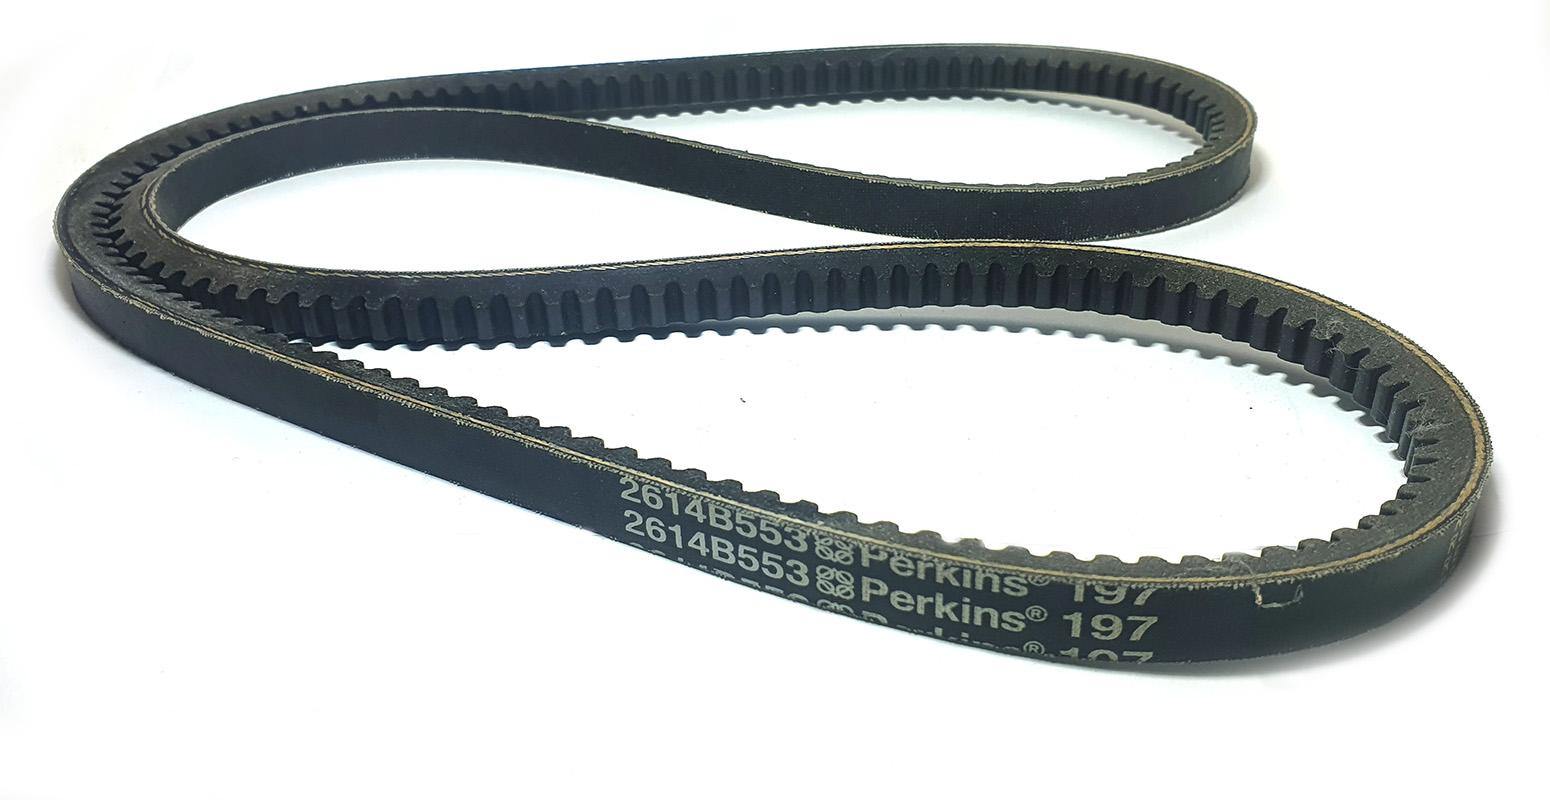 correia alter/vent perkins 1104C-44TAG2 - pn 2614B653